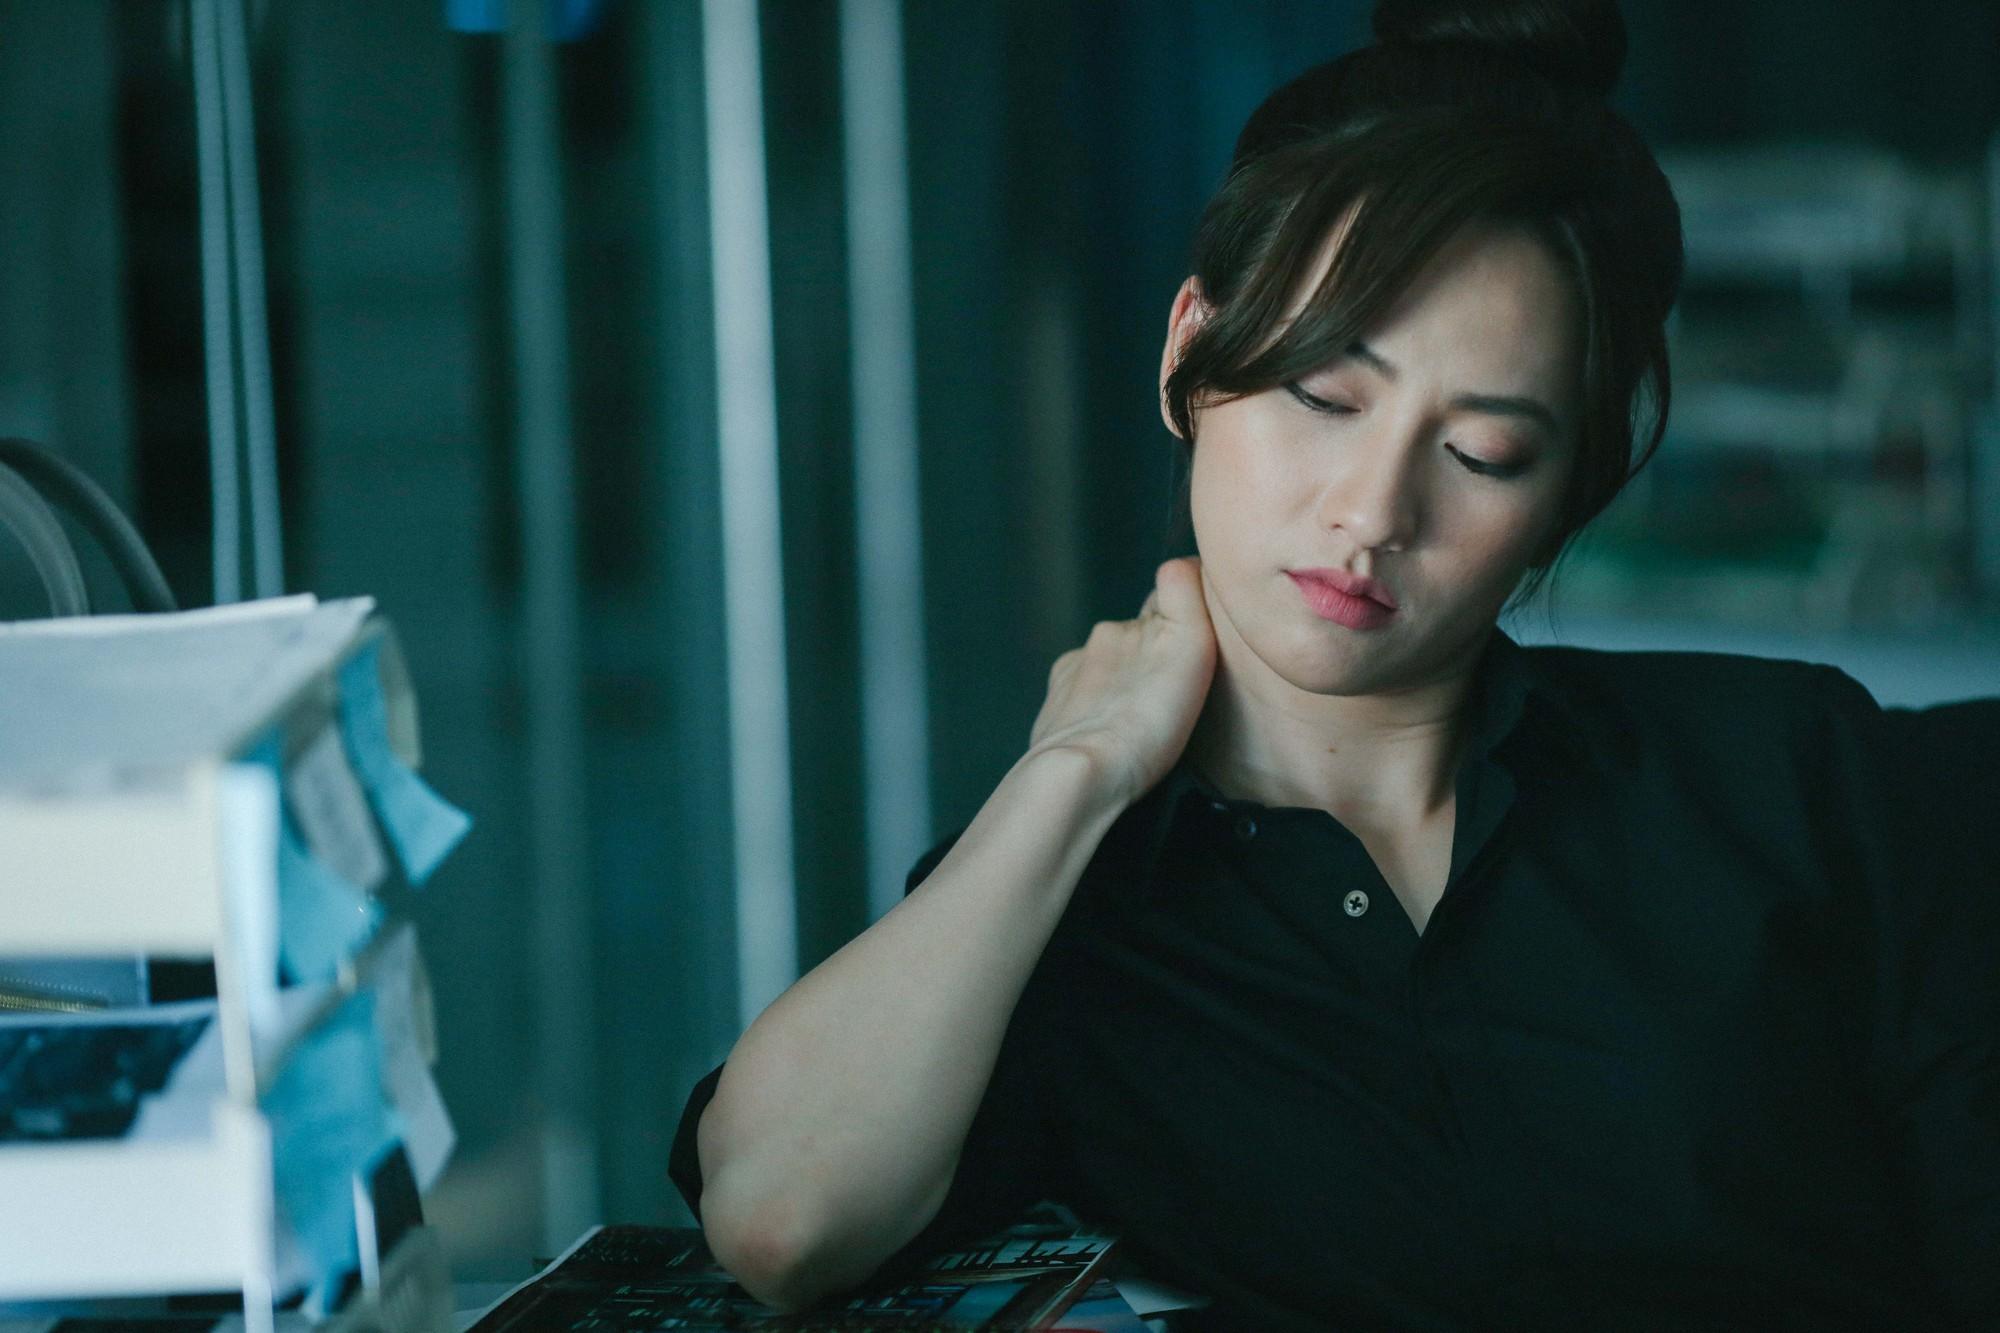 4 nhân vật trên màn ảnh Việt chứng tỏ danh vọng chưa chắc mang lại hạnh phúc cho một cô nàng thời hiện đại - Ảnh 6.